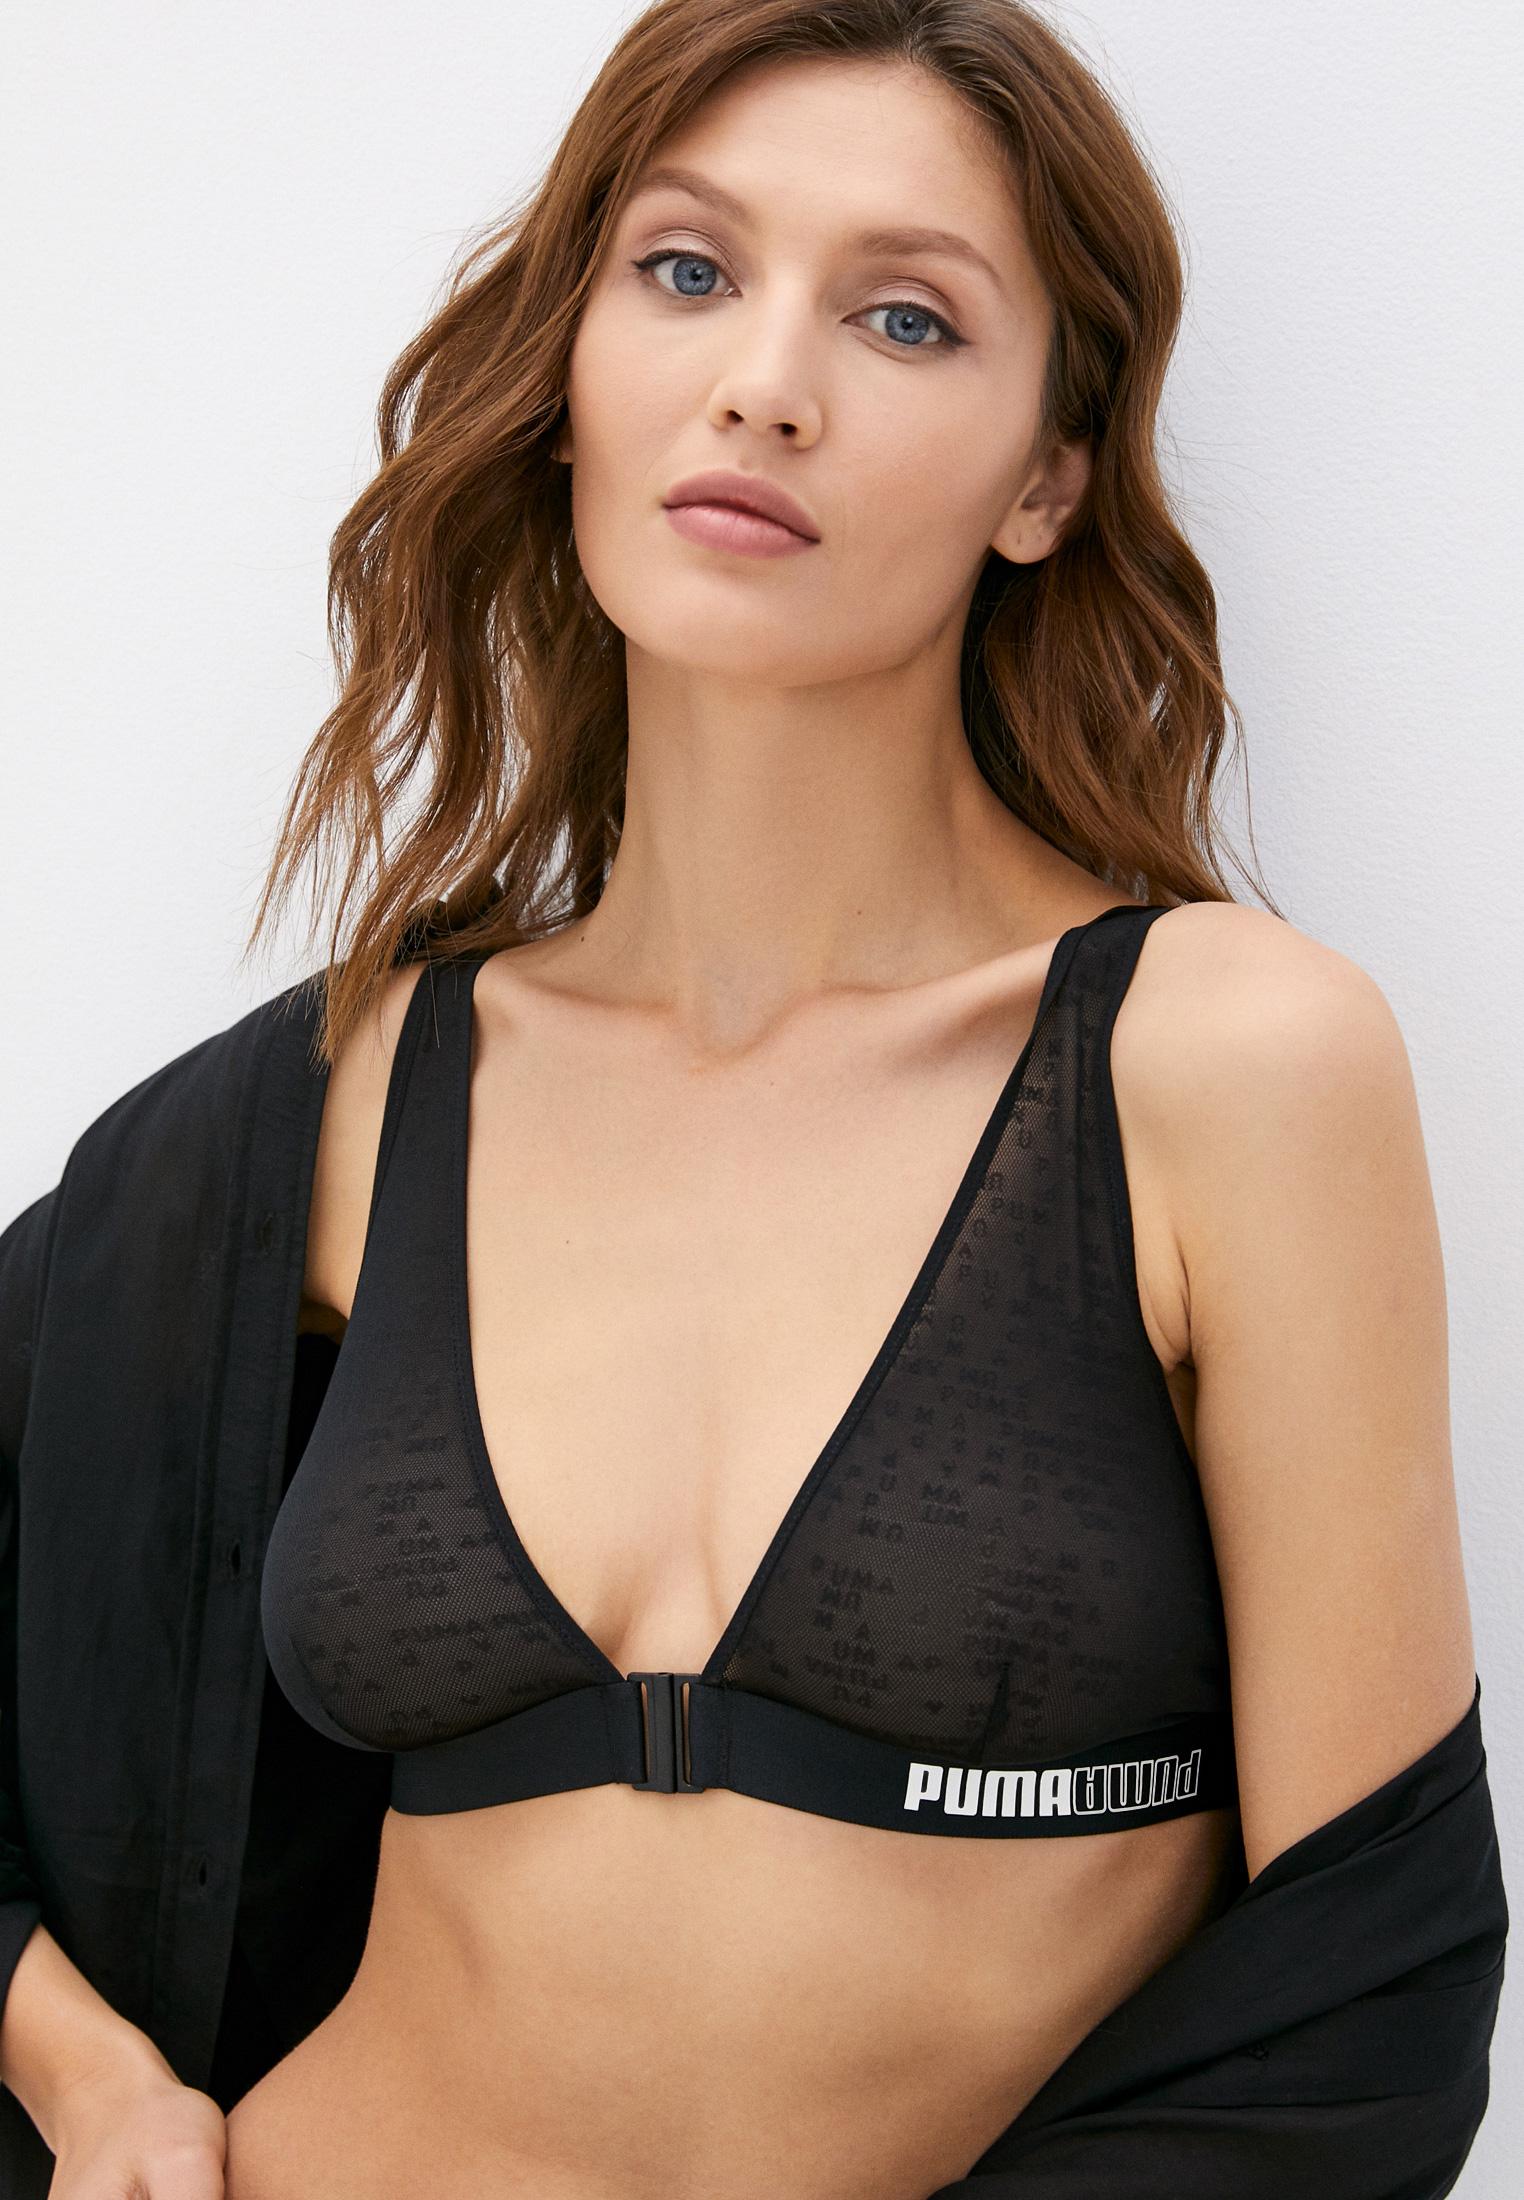 Бюстгальтер Puma (Пума) Бюстгальтер PUMA